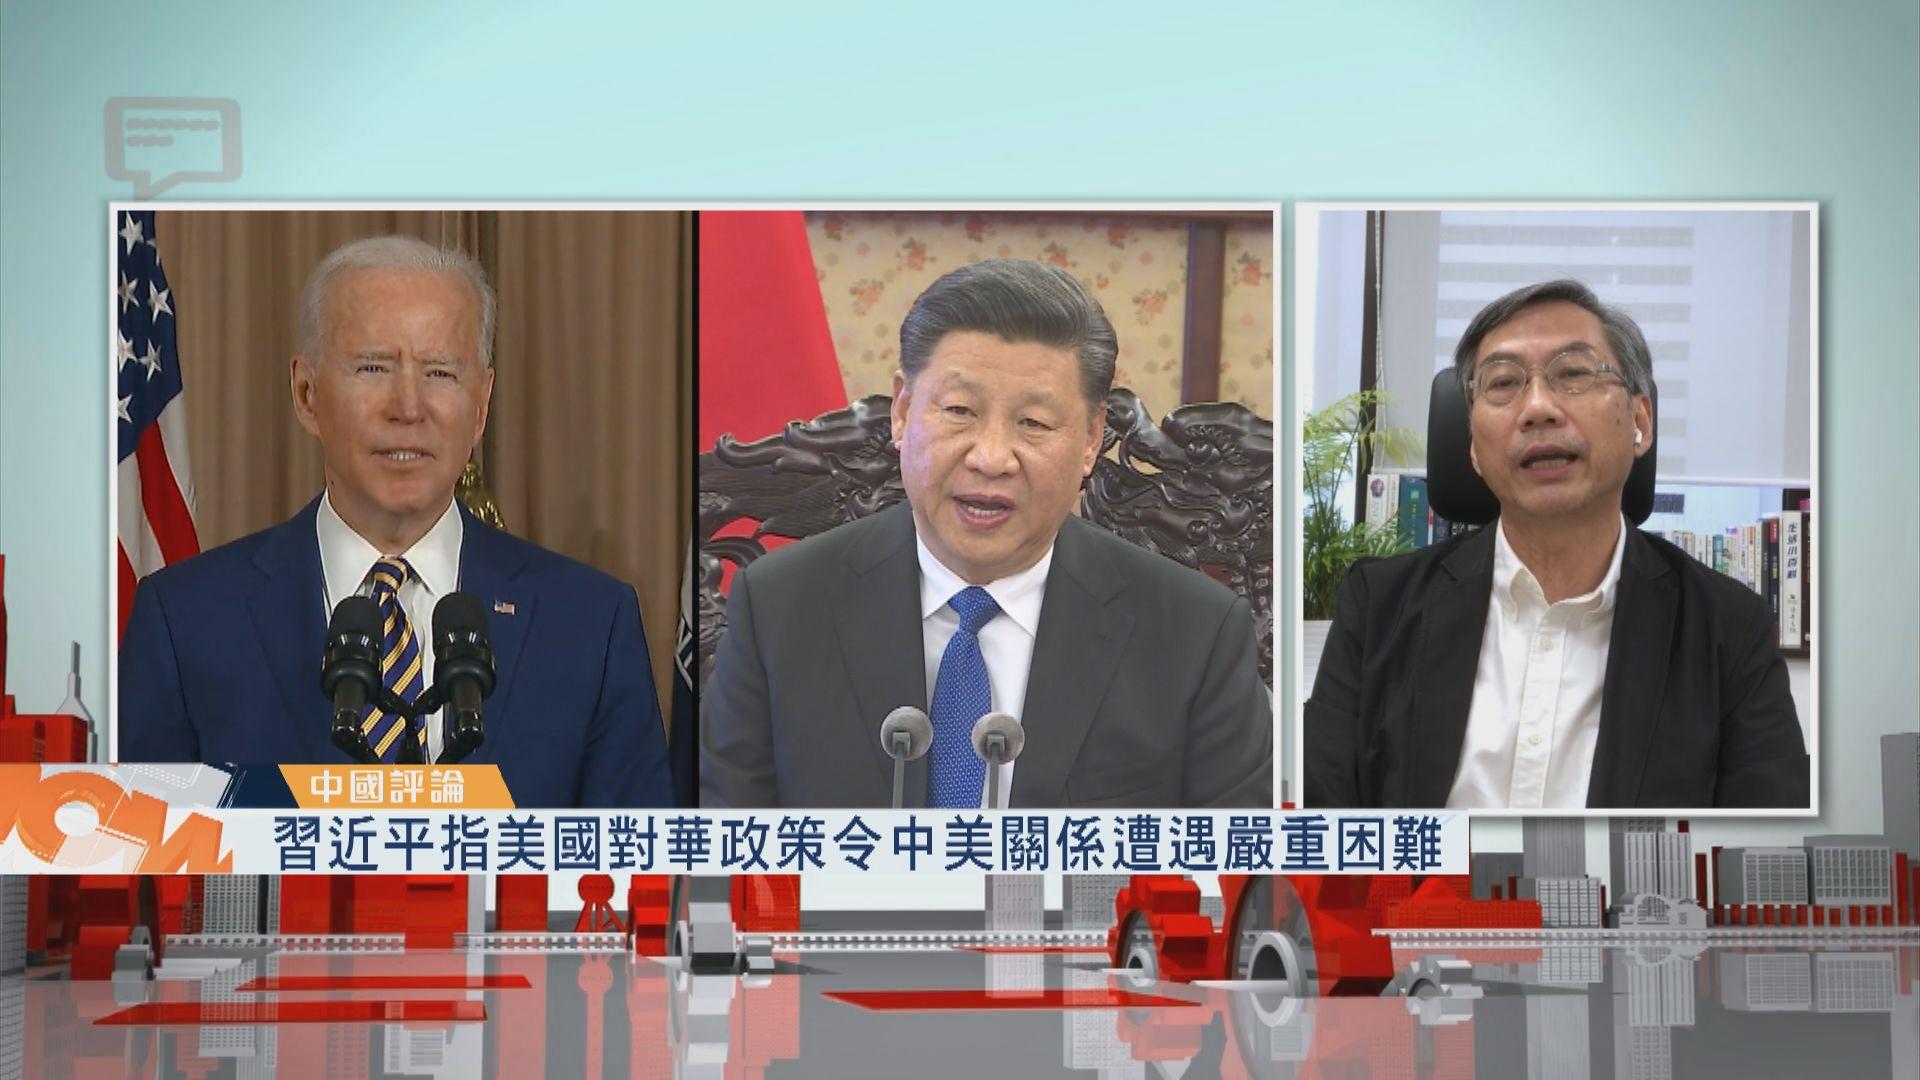 【中國評論】習近平應拜登之約 相隔七個月再通話